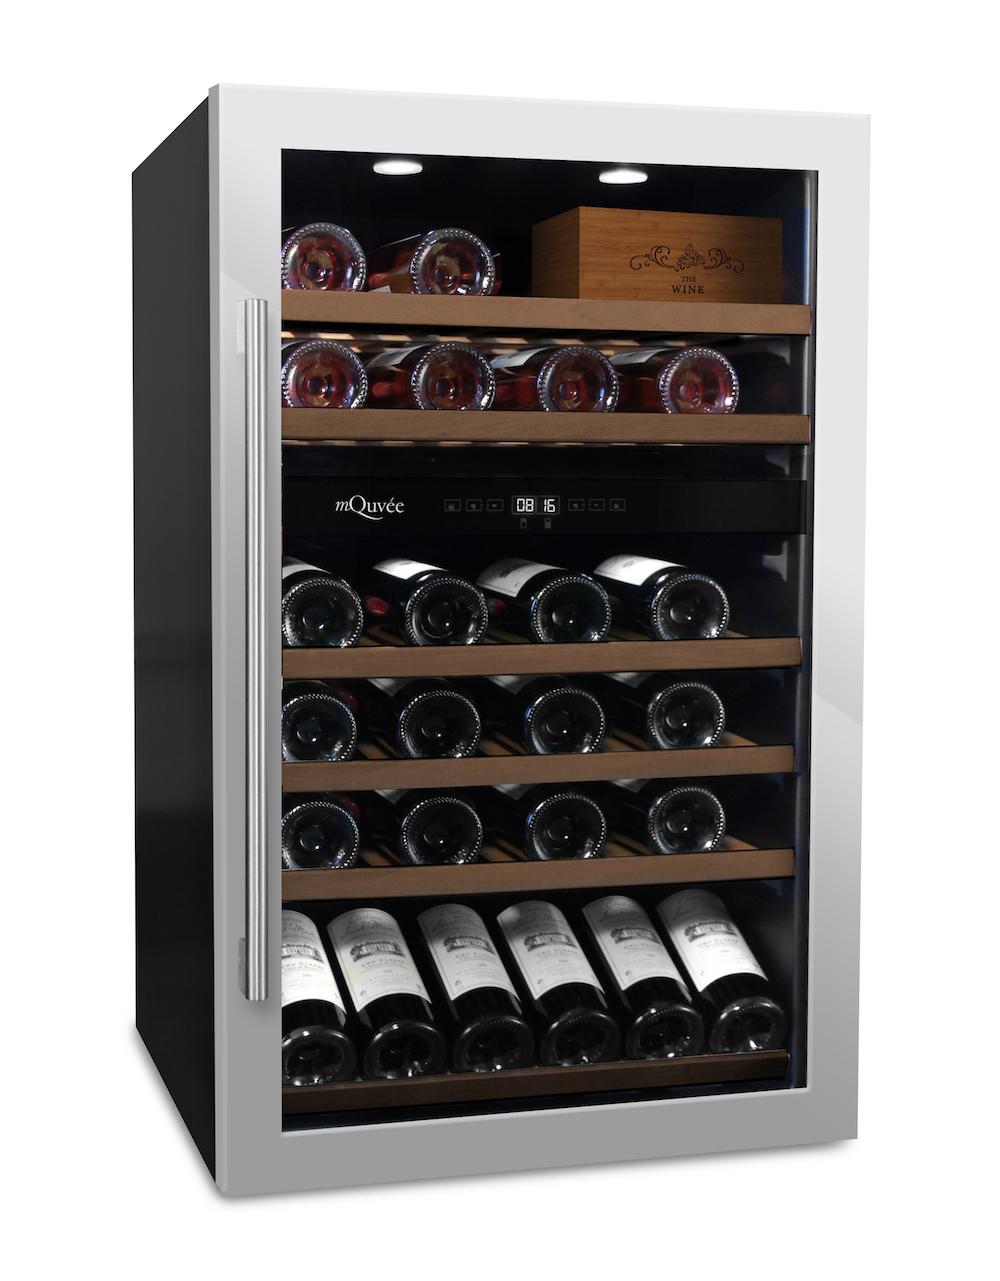 mQuvée - fristående vinkyl - Wineserve 59